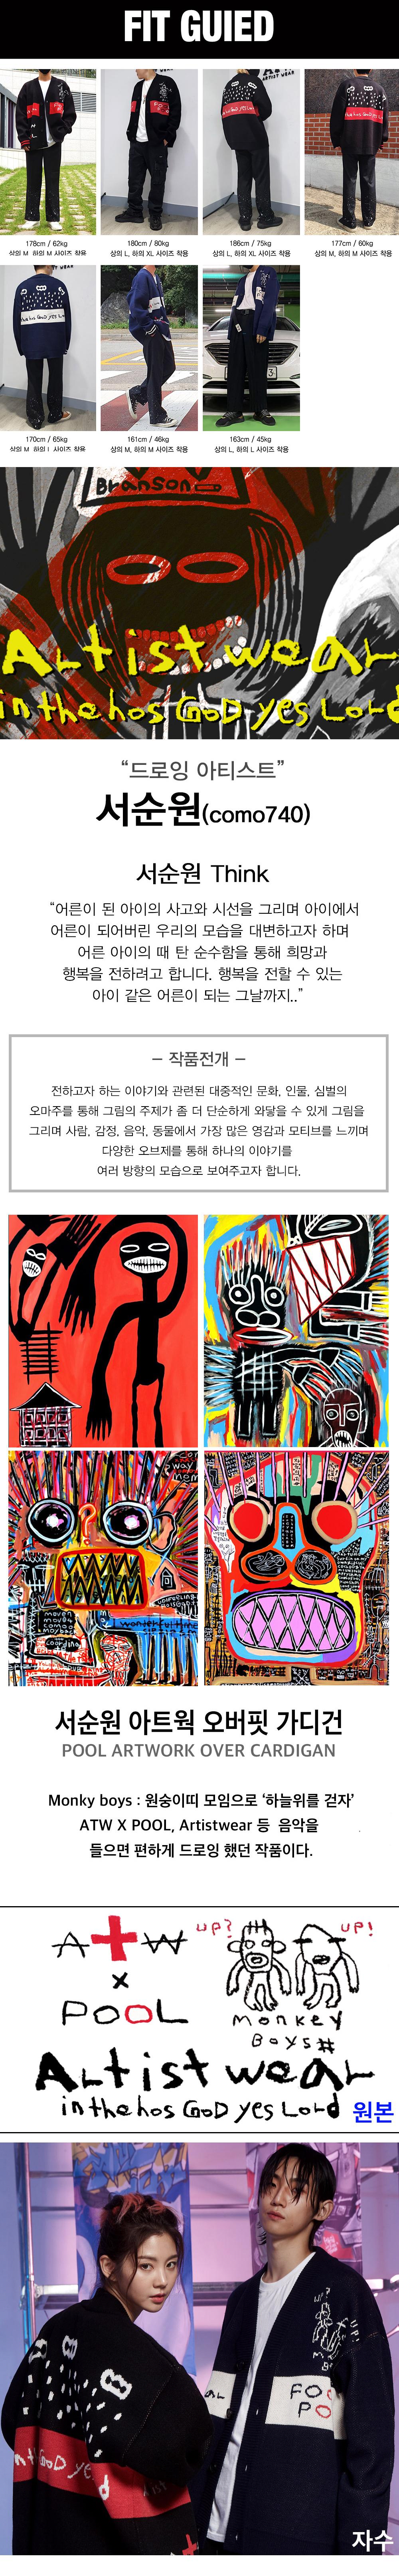 SEO_ARTWORK-CARDIGAN-NA_01.jpg